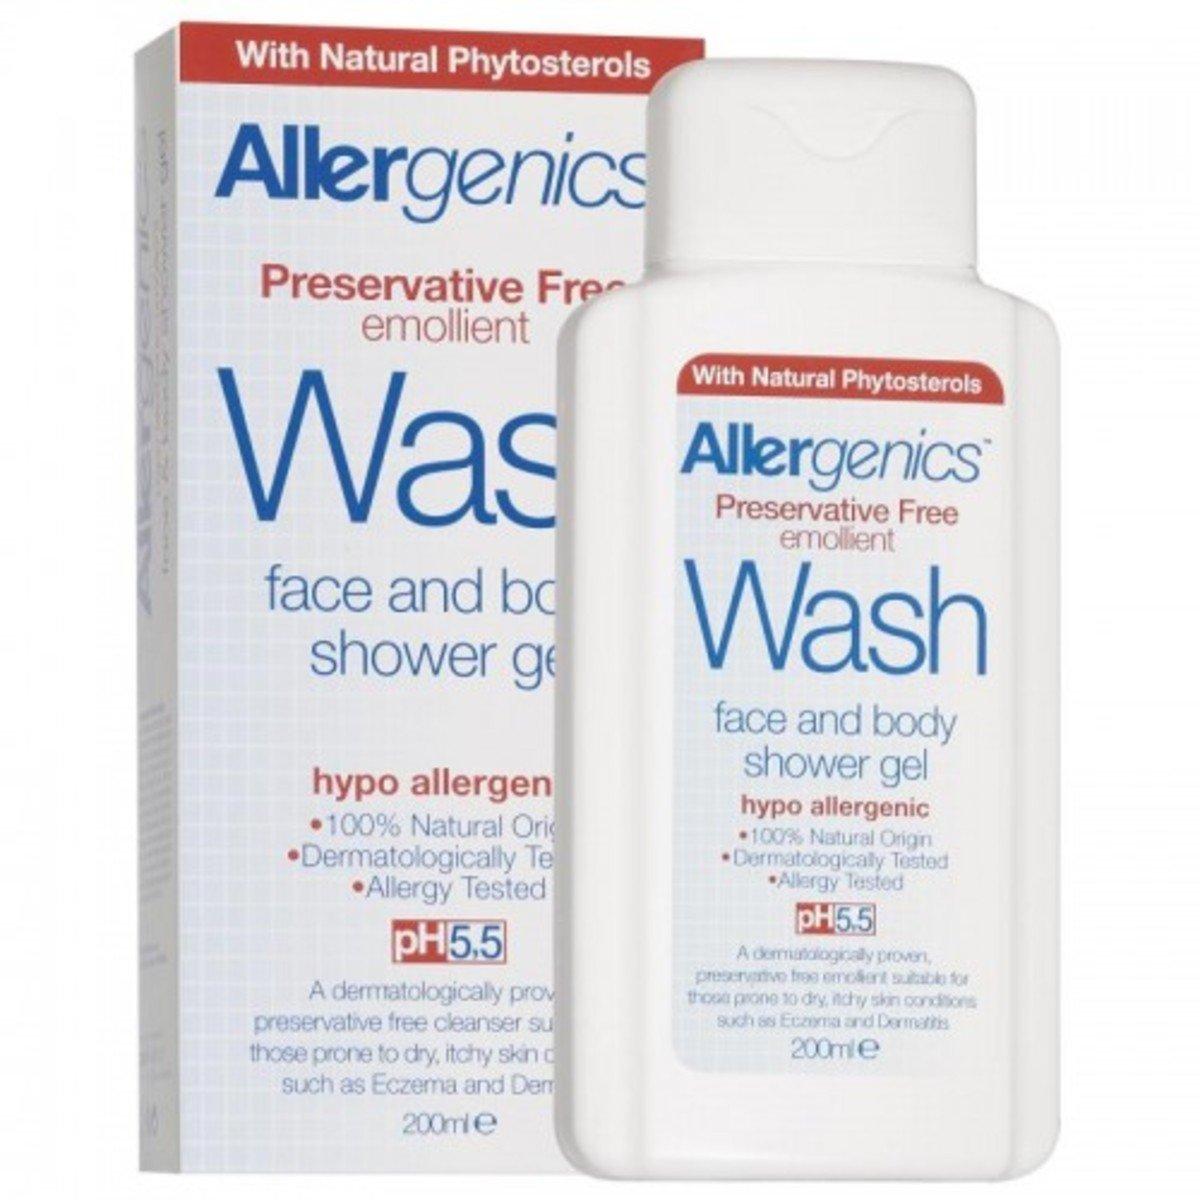 Allergenics 純天然防敏感沐浴啫喱